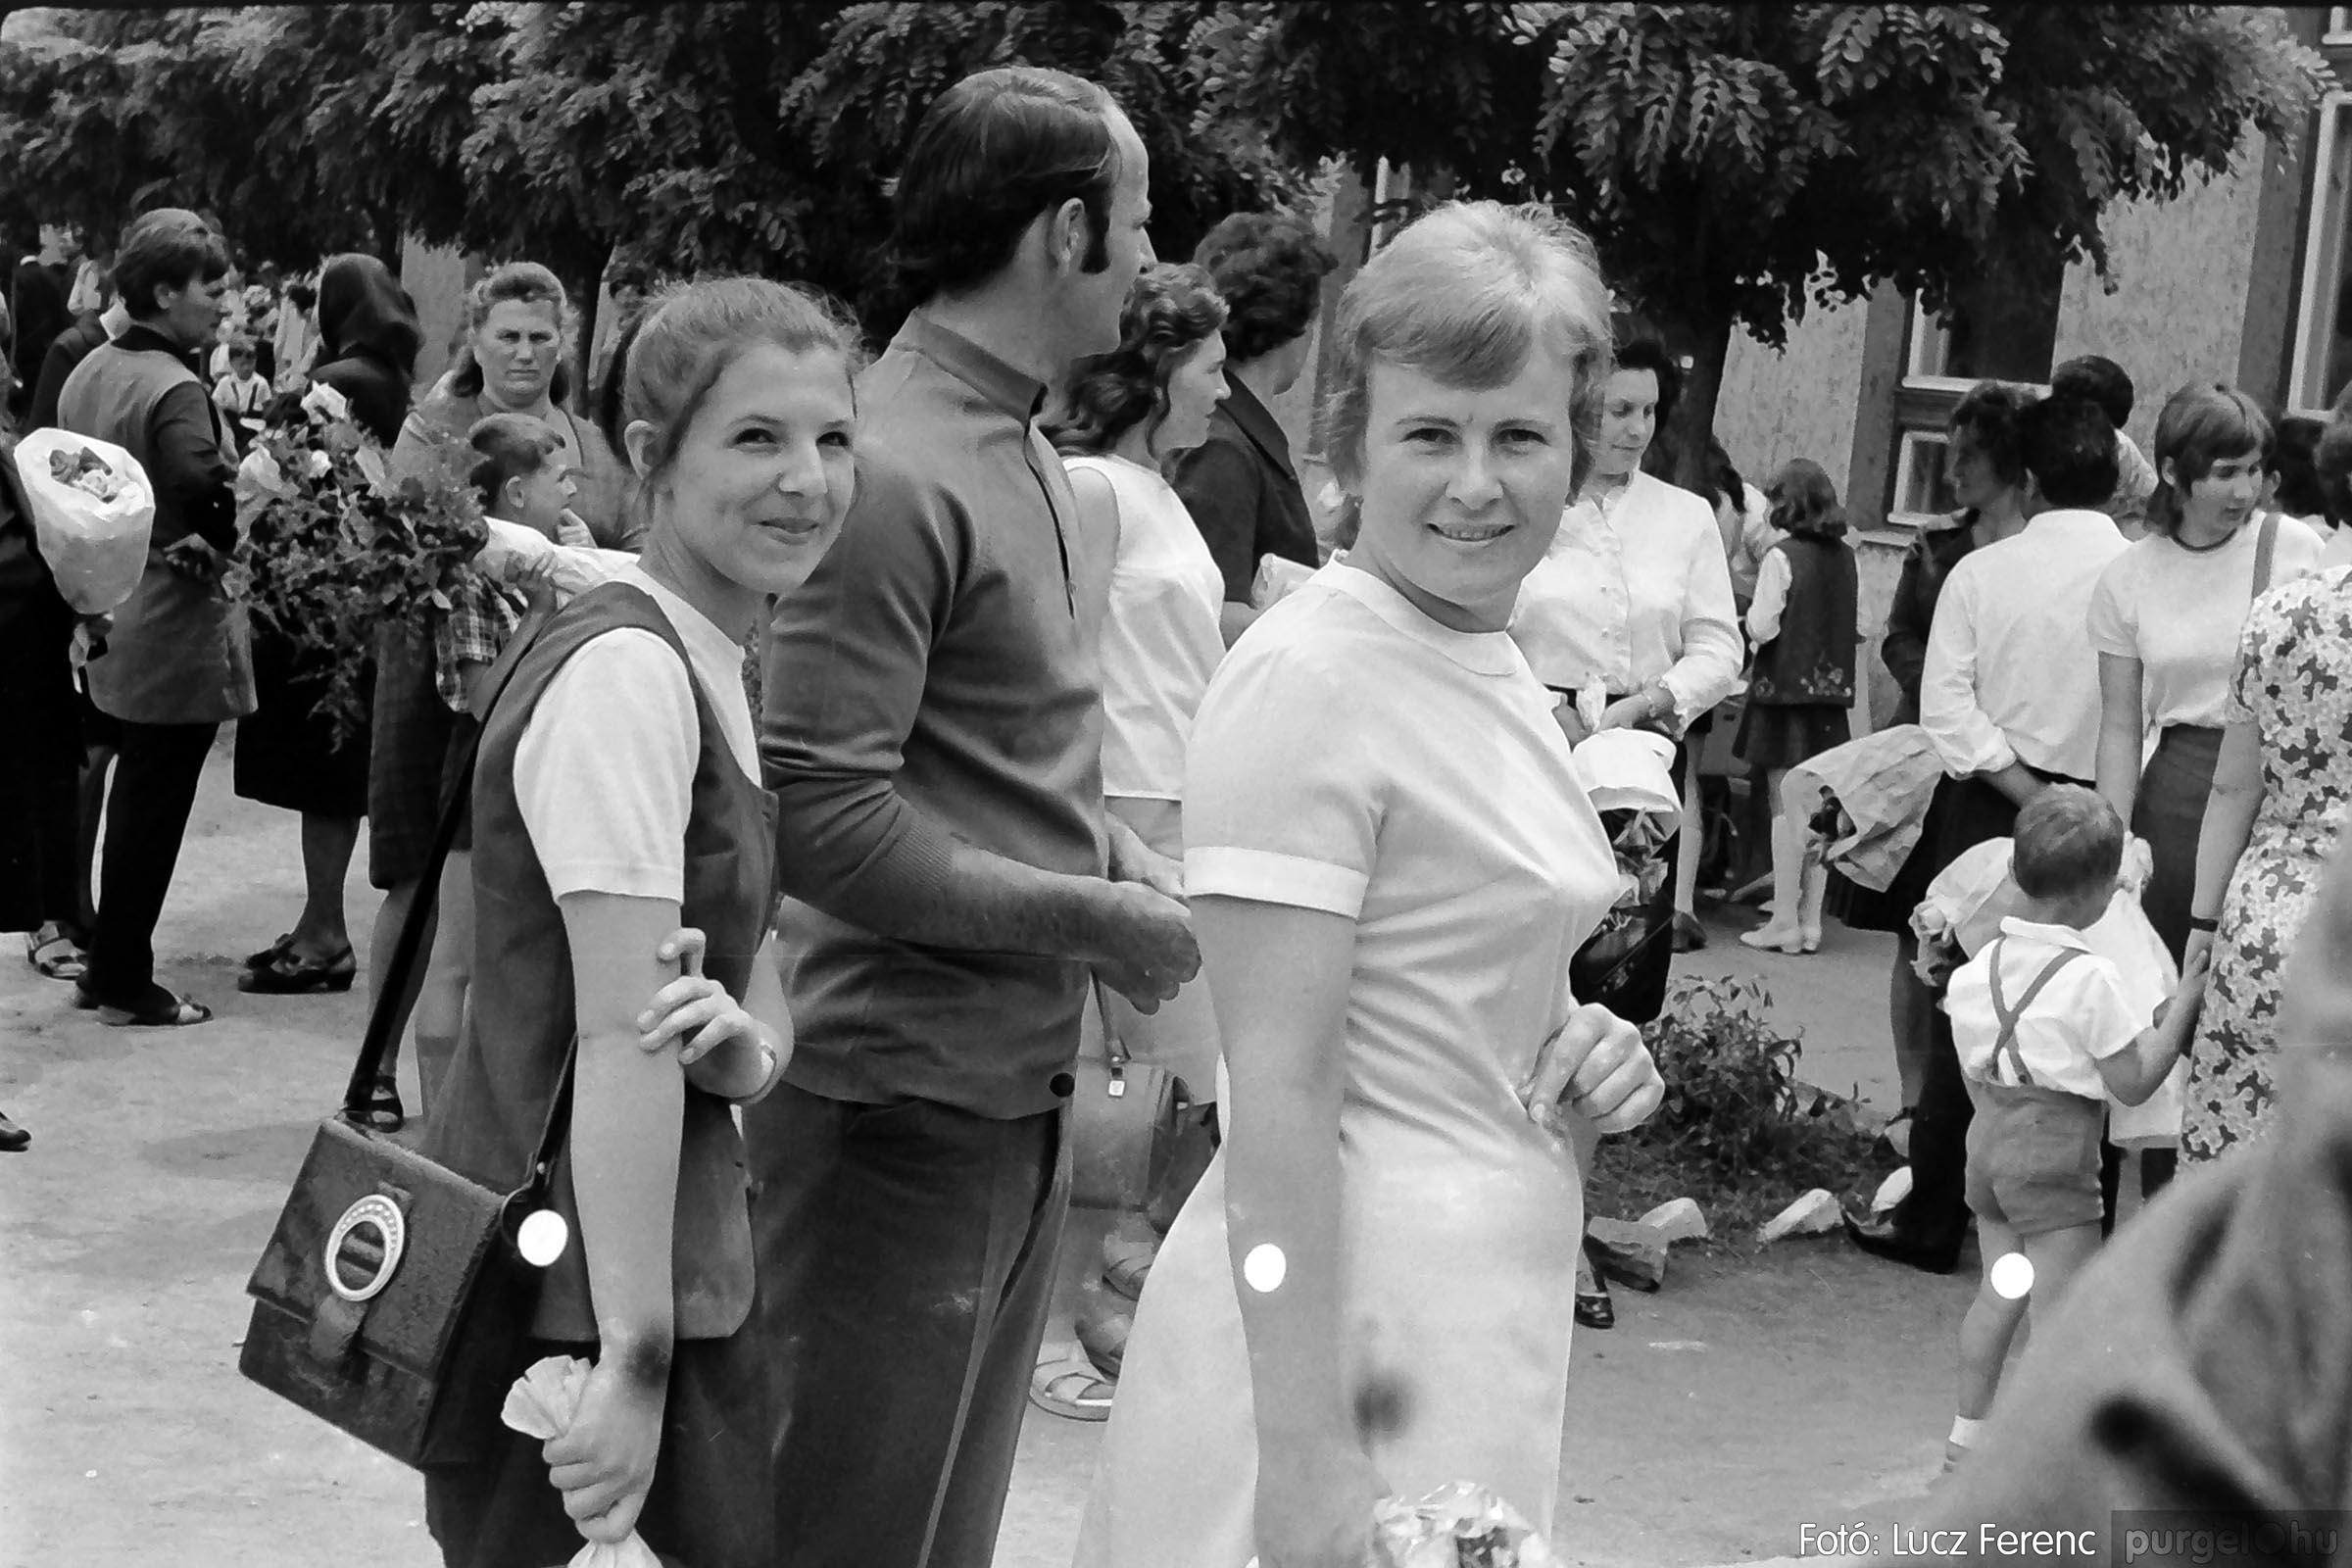 001 1972.05.27. Ballagás a szegvári iskolában 007 - Fotó: Lucz Ferenc - IMG01064q.jpg